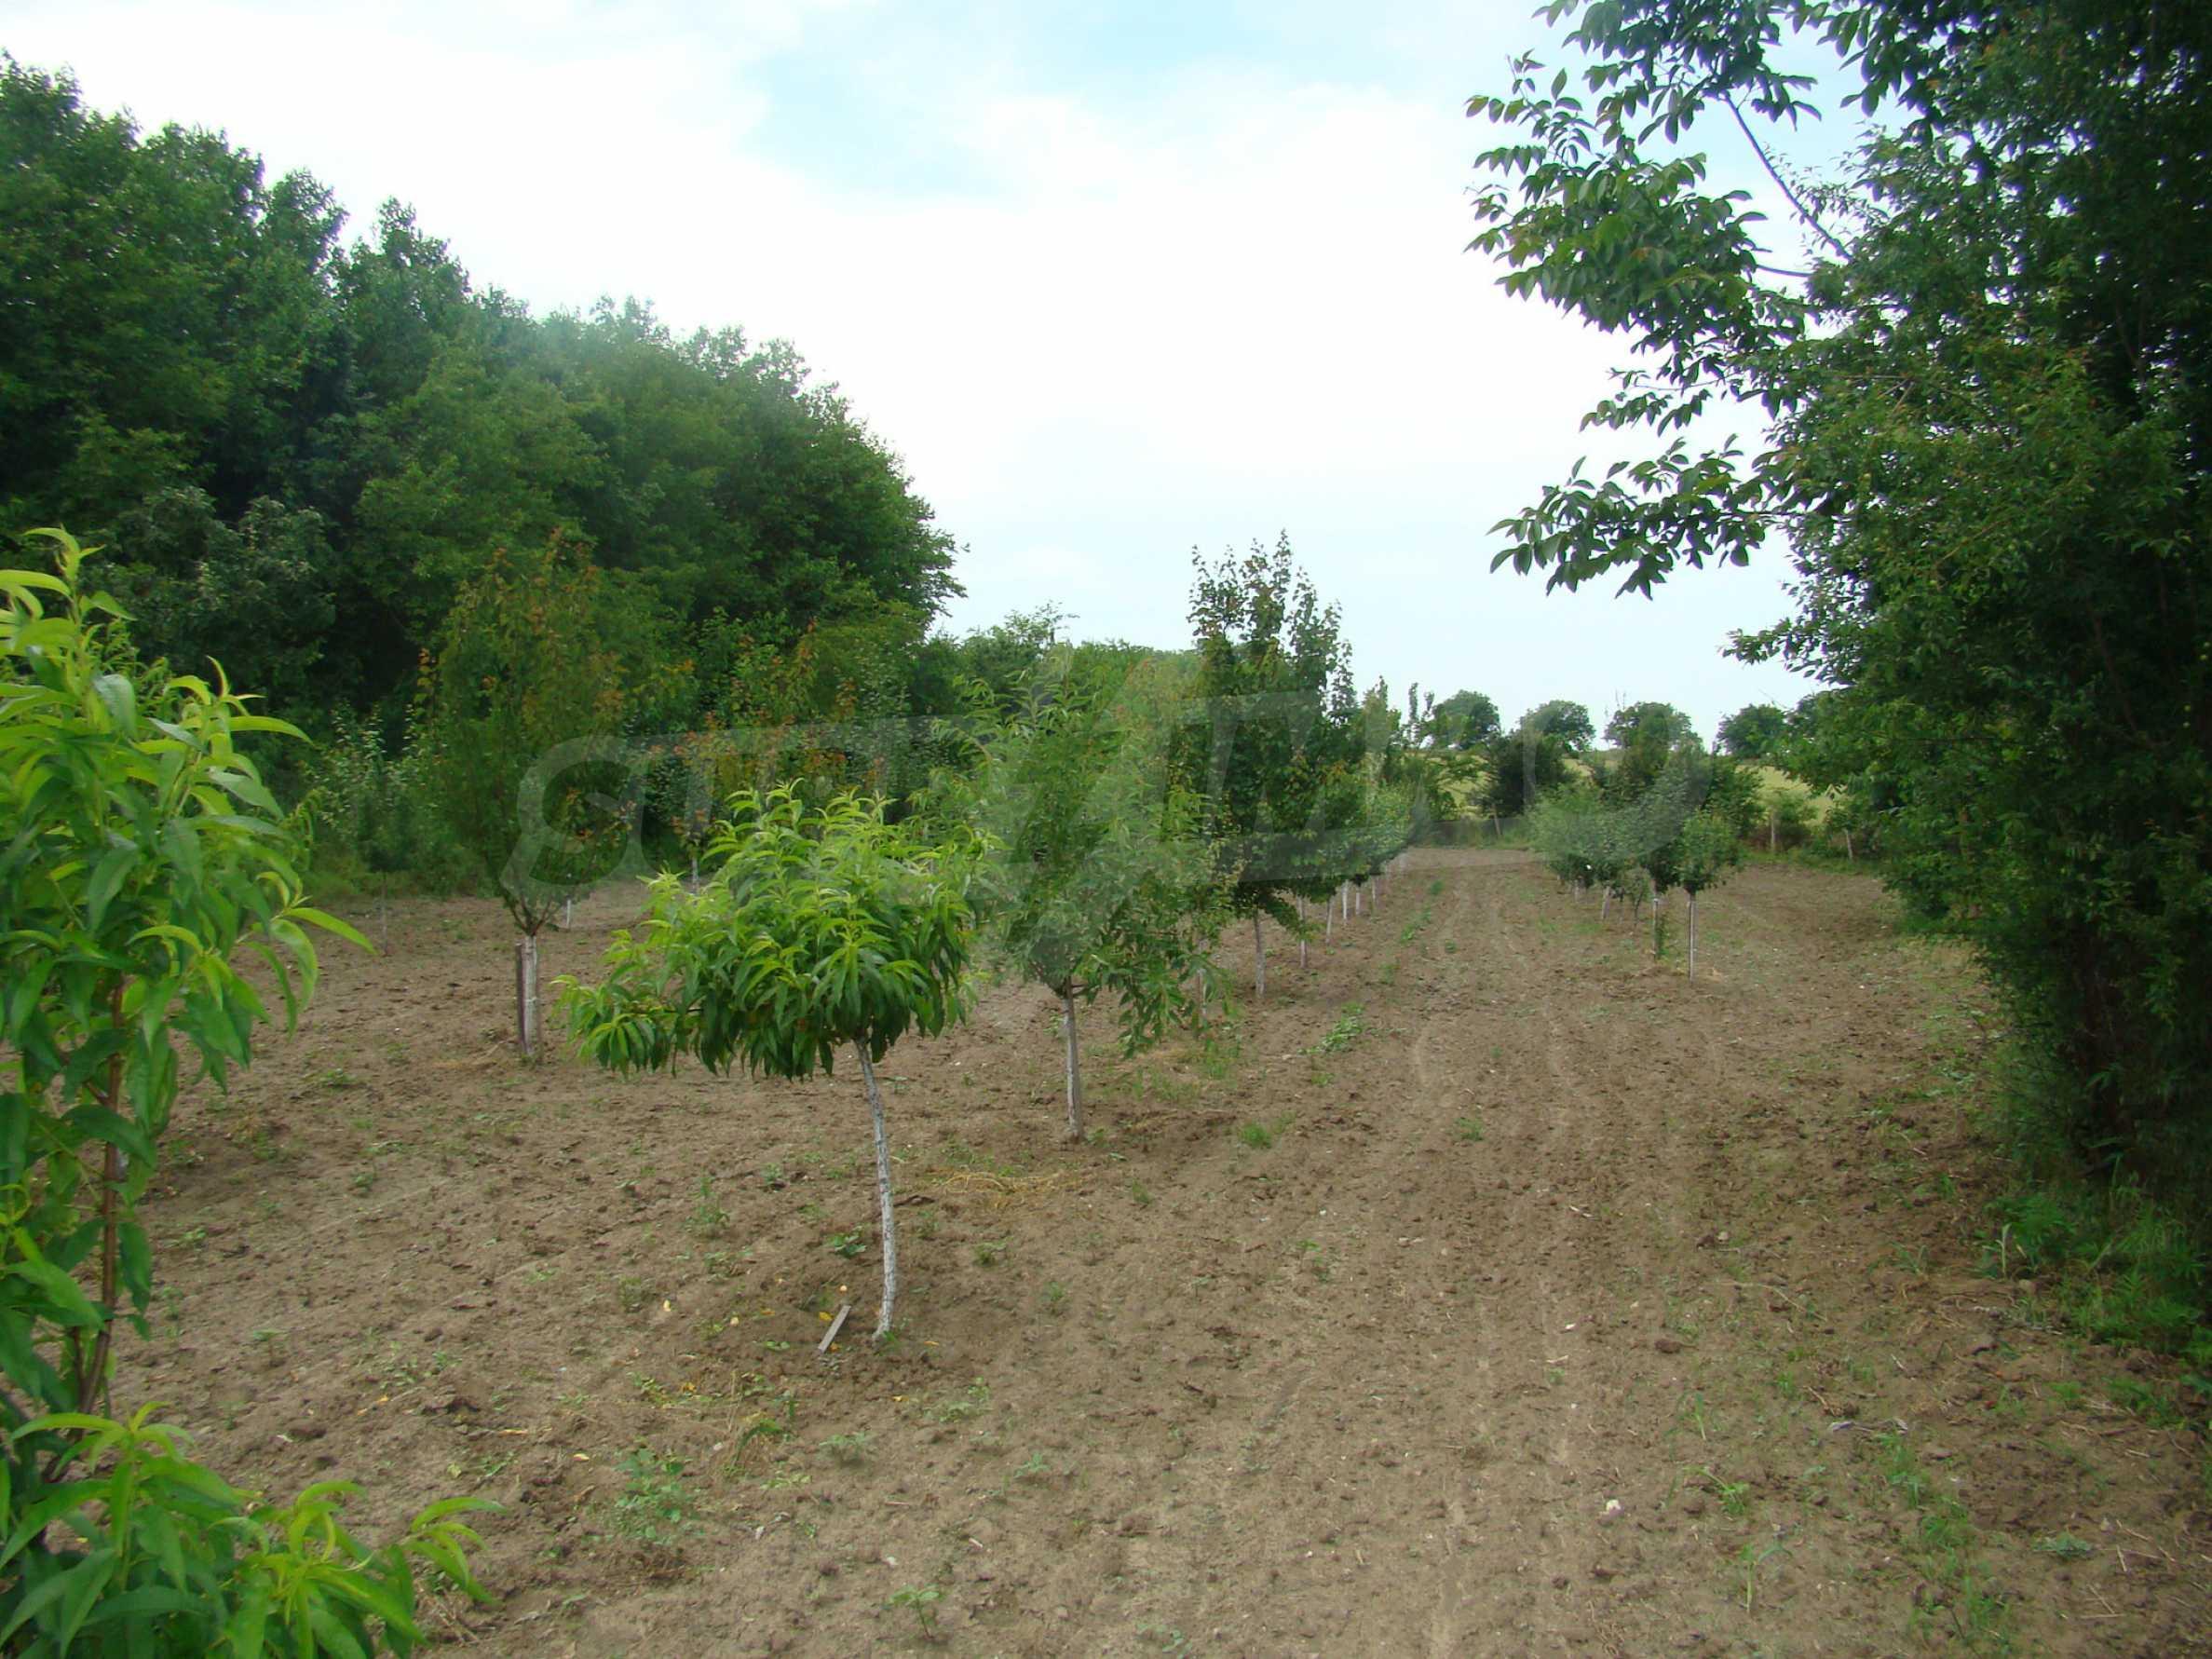 Земеделска земя с голяма овощна градина в близост до Видин 6